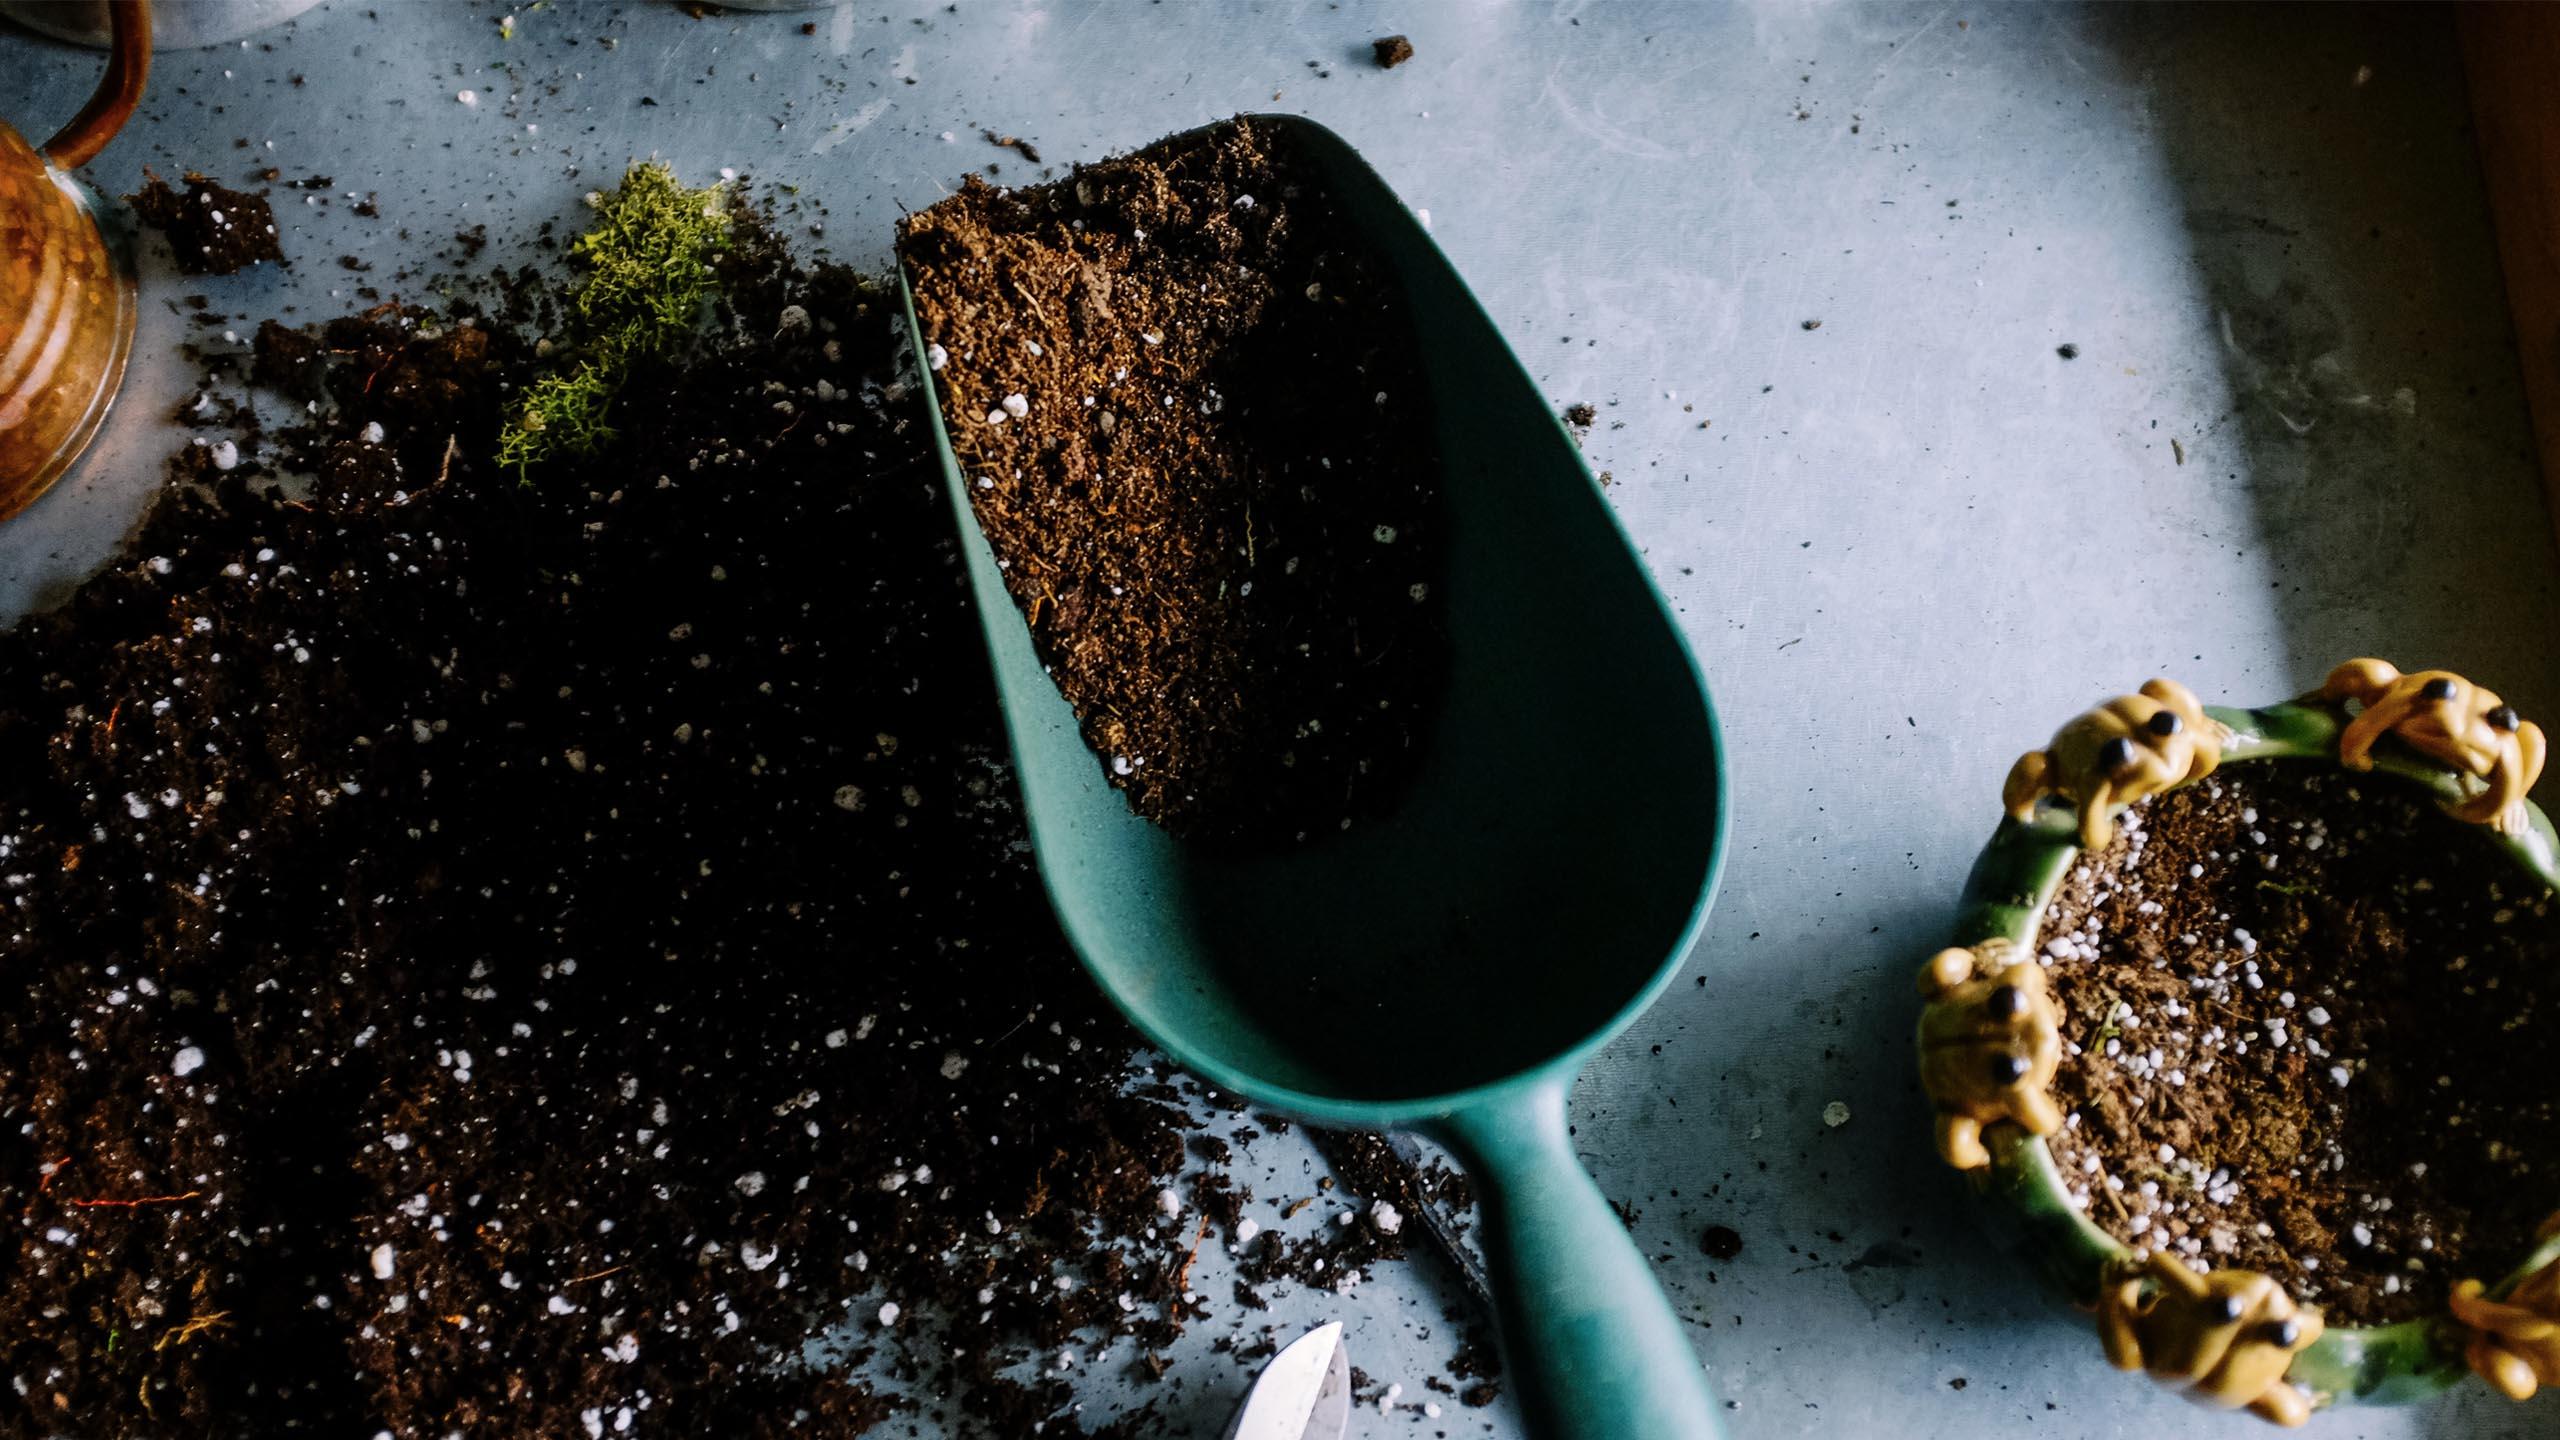 TB Gardening Services